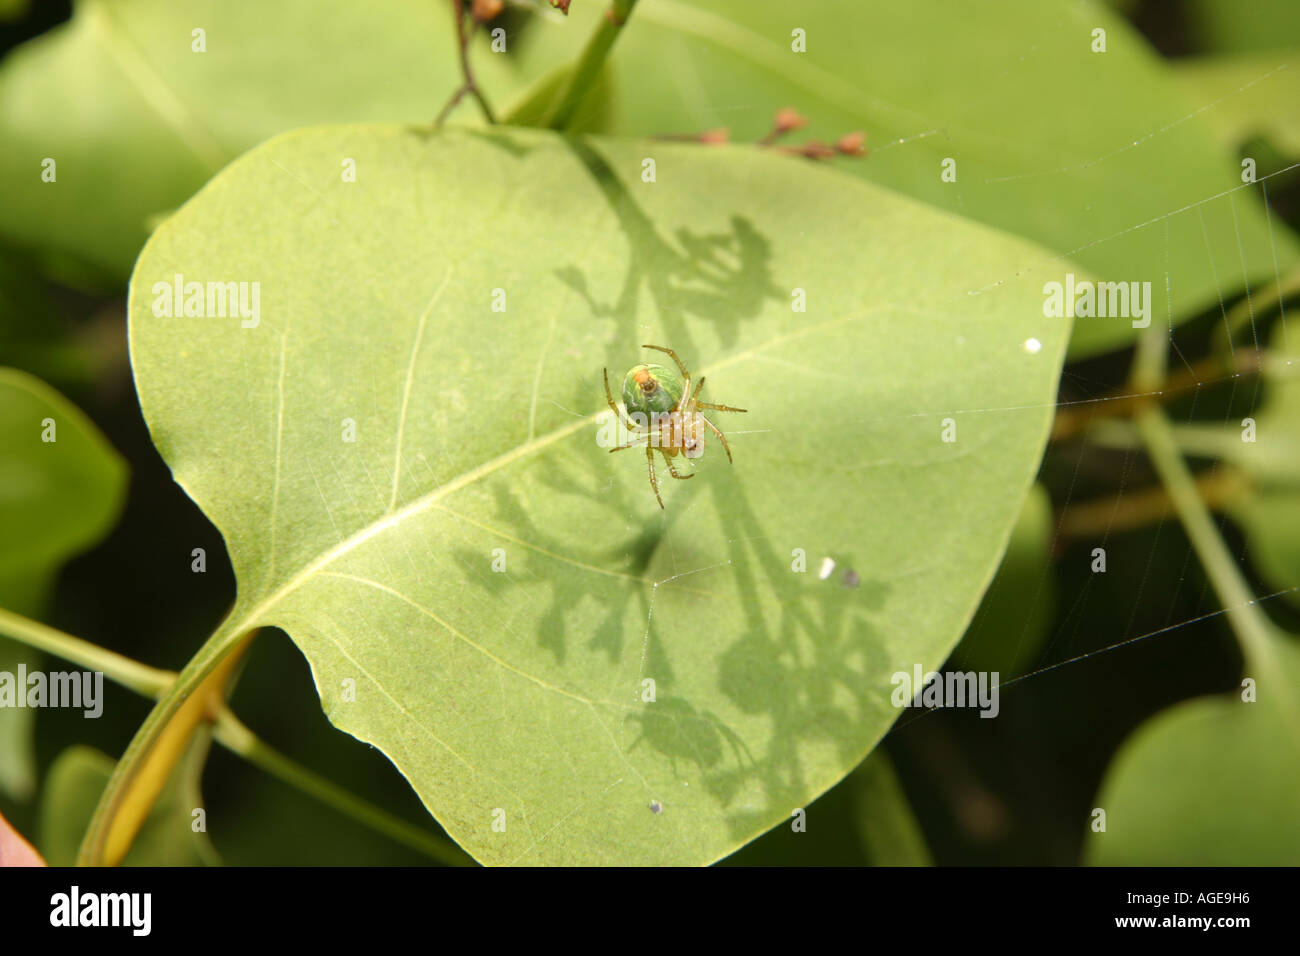 Cucumber Spider, Araniella Cucurbitina, in its web on a leaf Stock Photo